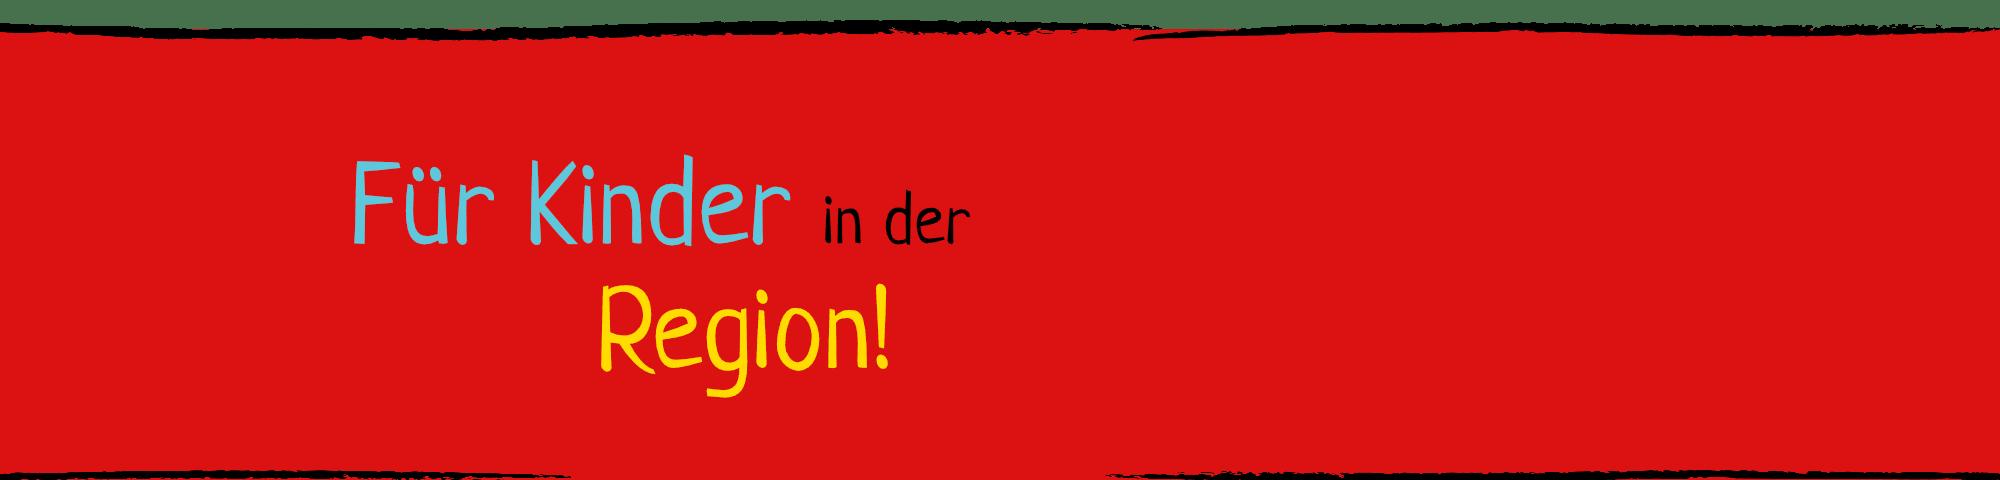 Schrift: Für Kinder in der Region